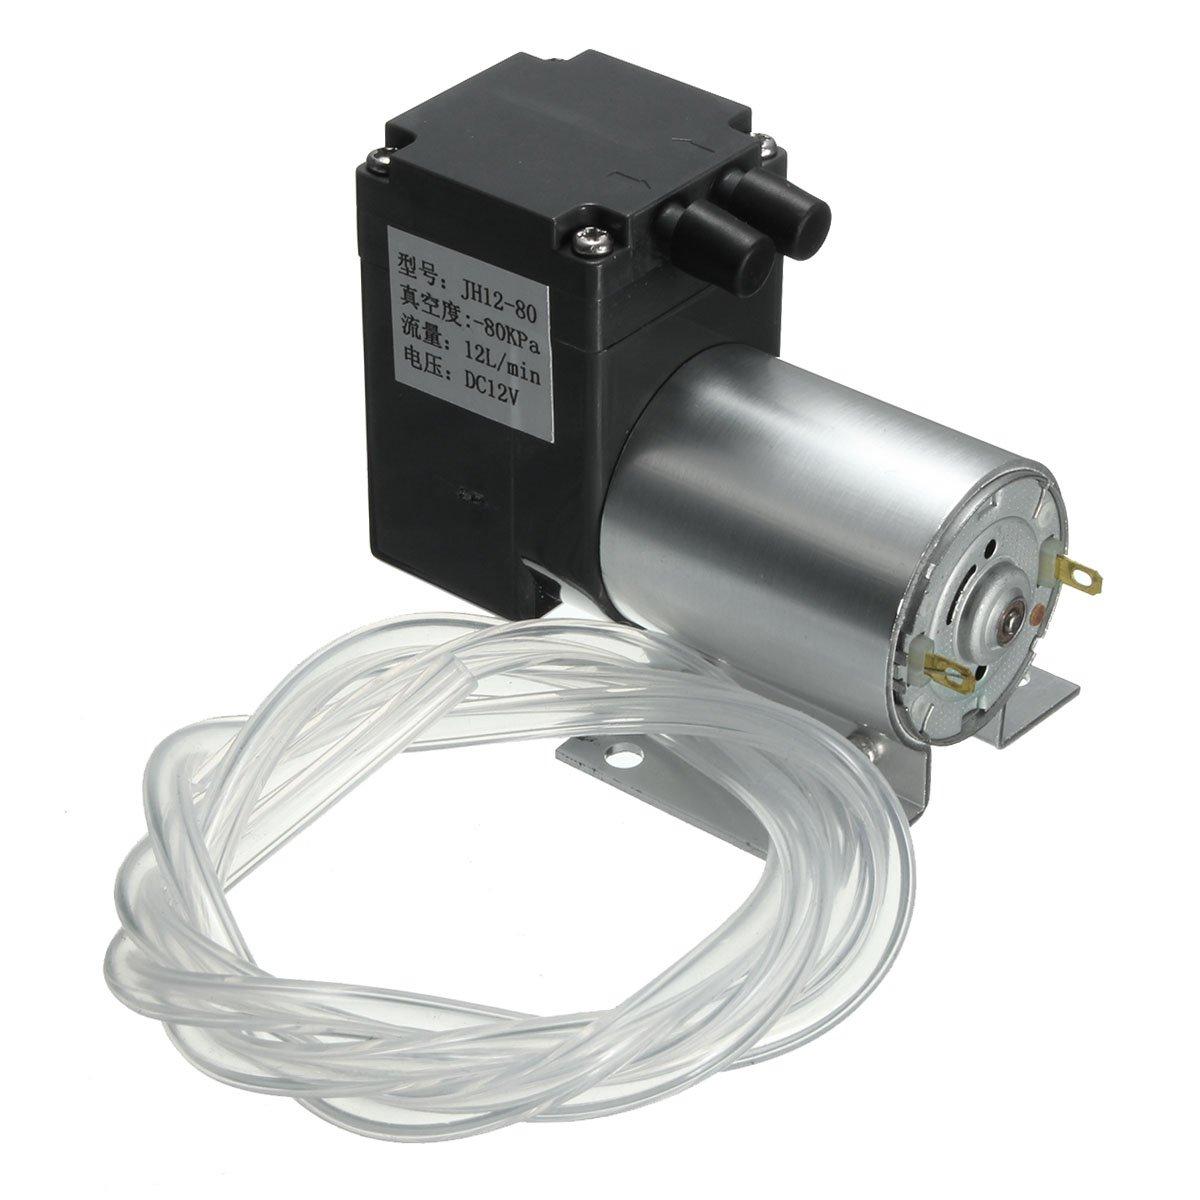 DC 12V Mini Vacuum Pump Negative Pressure Suction Pump 12L/min 120kpa With Holder